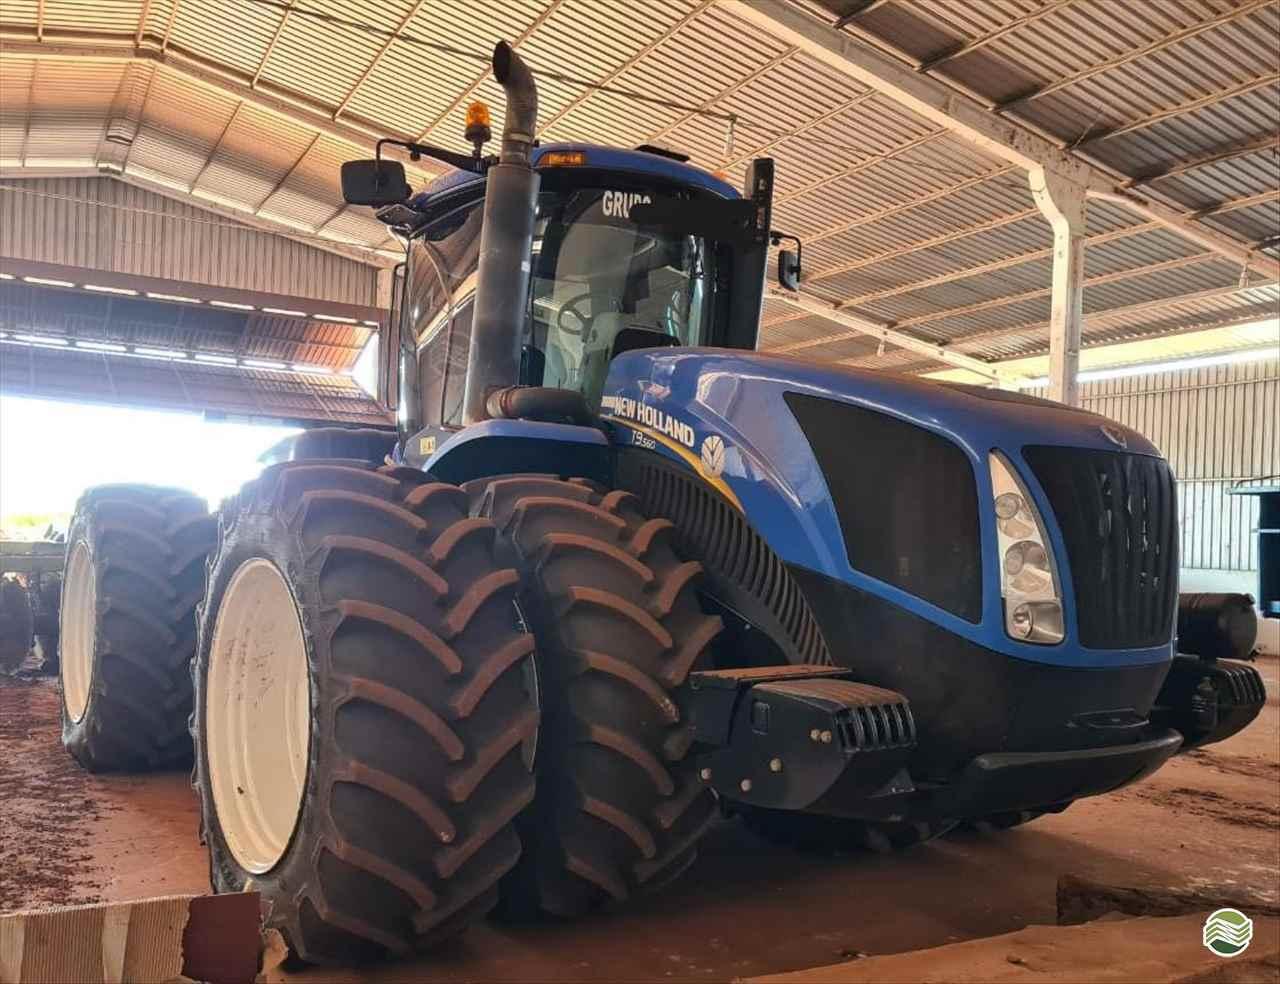 TRATOR NEW HOLLAND NEW T9 560 Tração 4x4 Ademar Heep Máquinas MARACAJU MATO GROSSO DO SUL MS